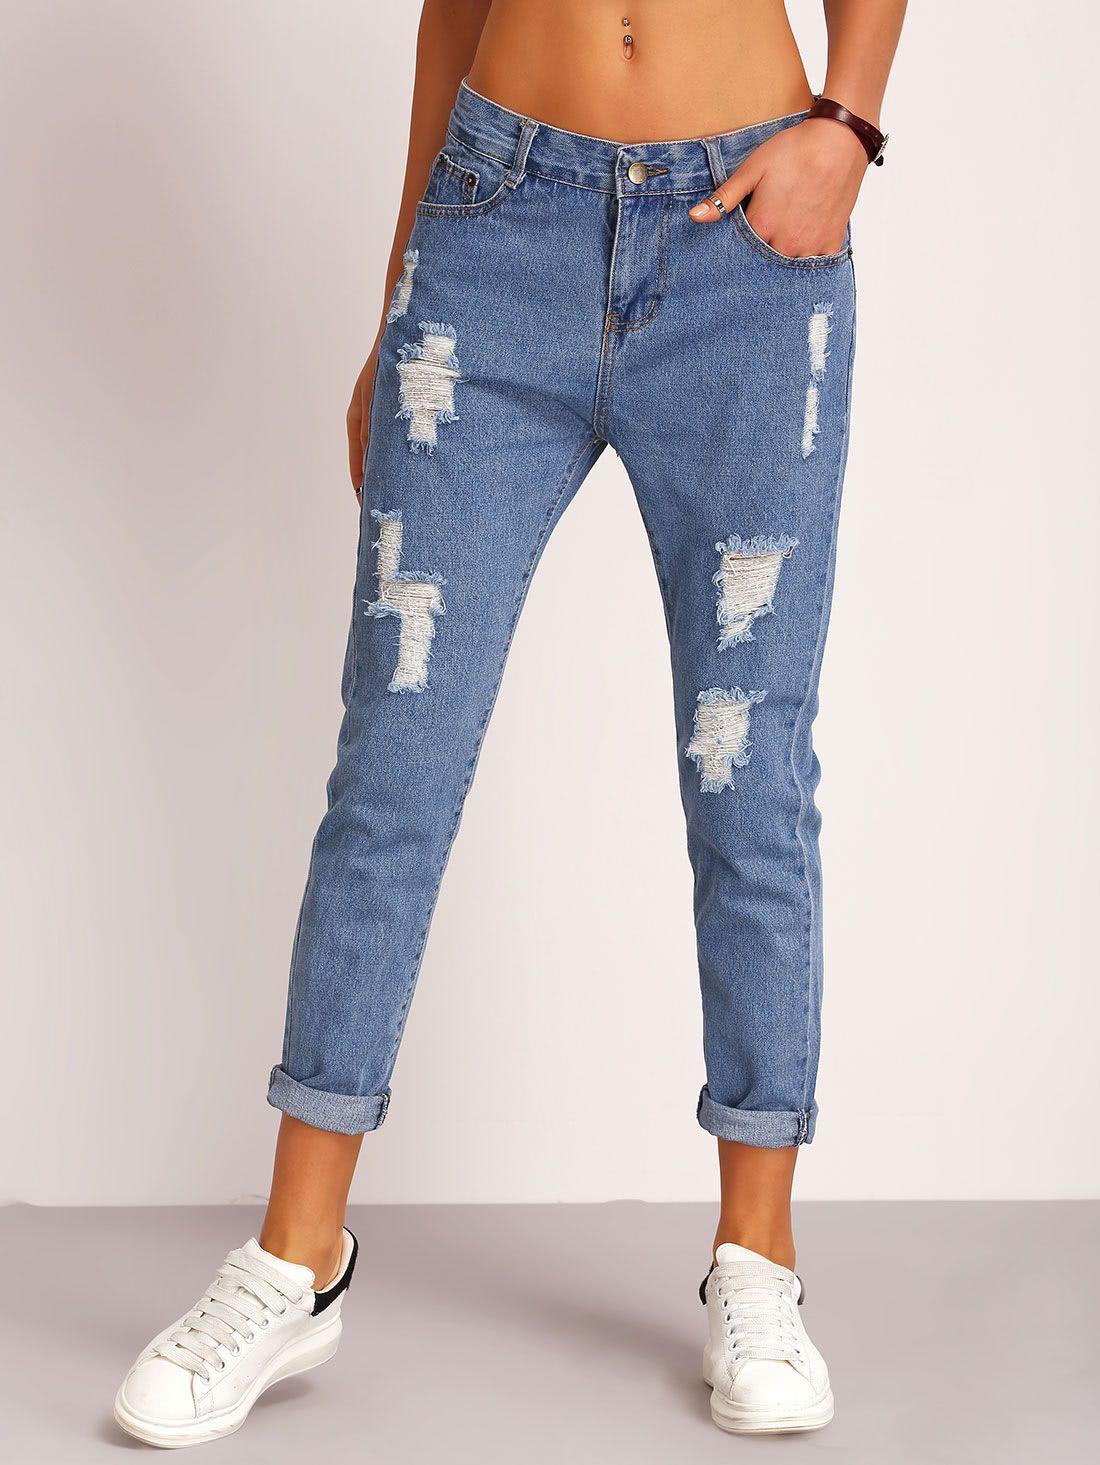 Blue Ripped Denim Pant Pantalones De Mezclilla Mujer Pantalones De Moda Pantalones Jeans De Moda